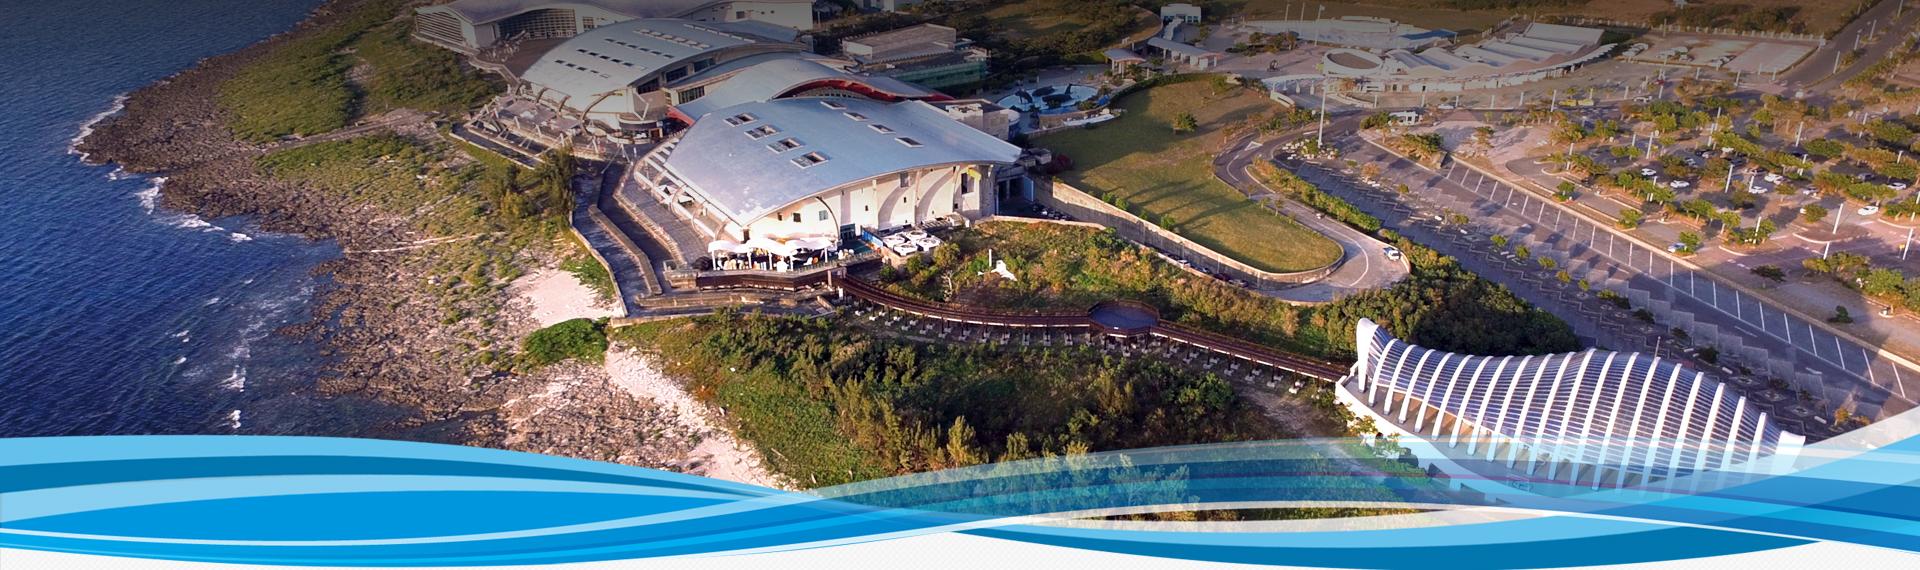 國立海洋生物博物館-建館緣由